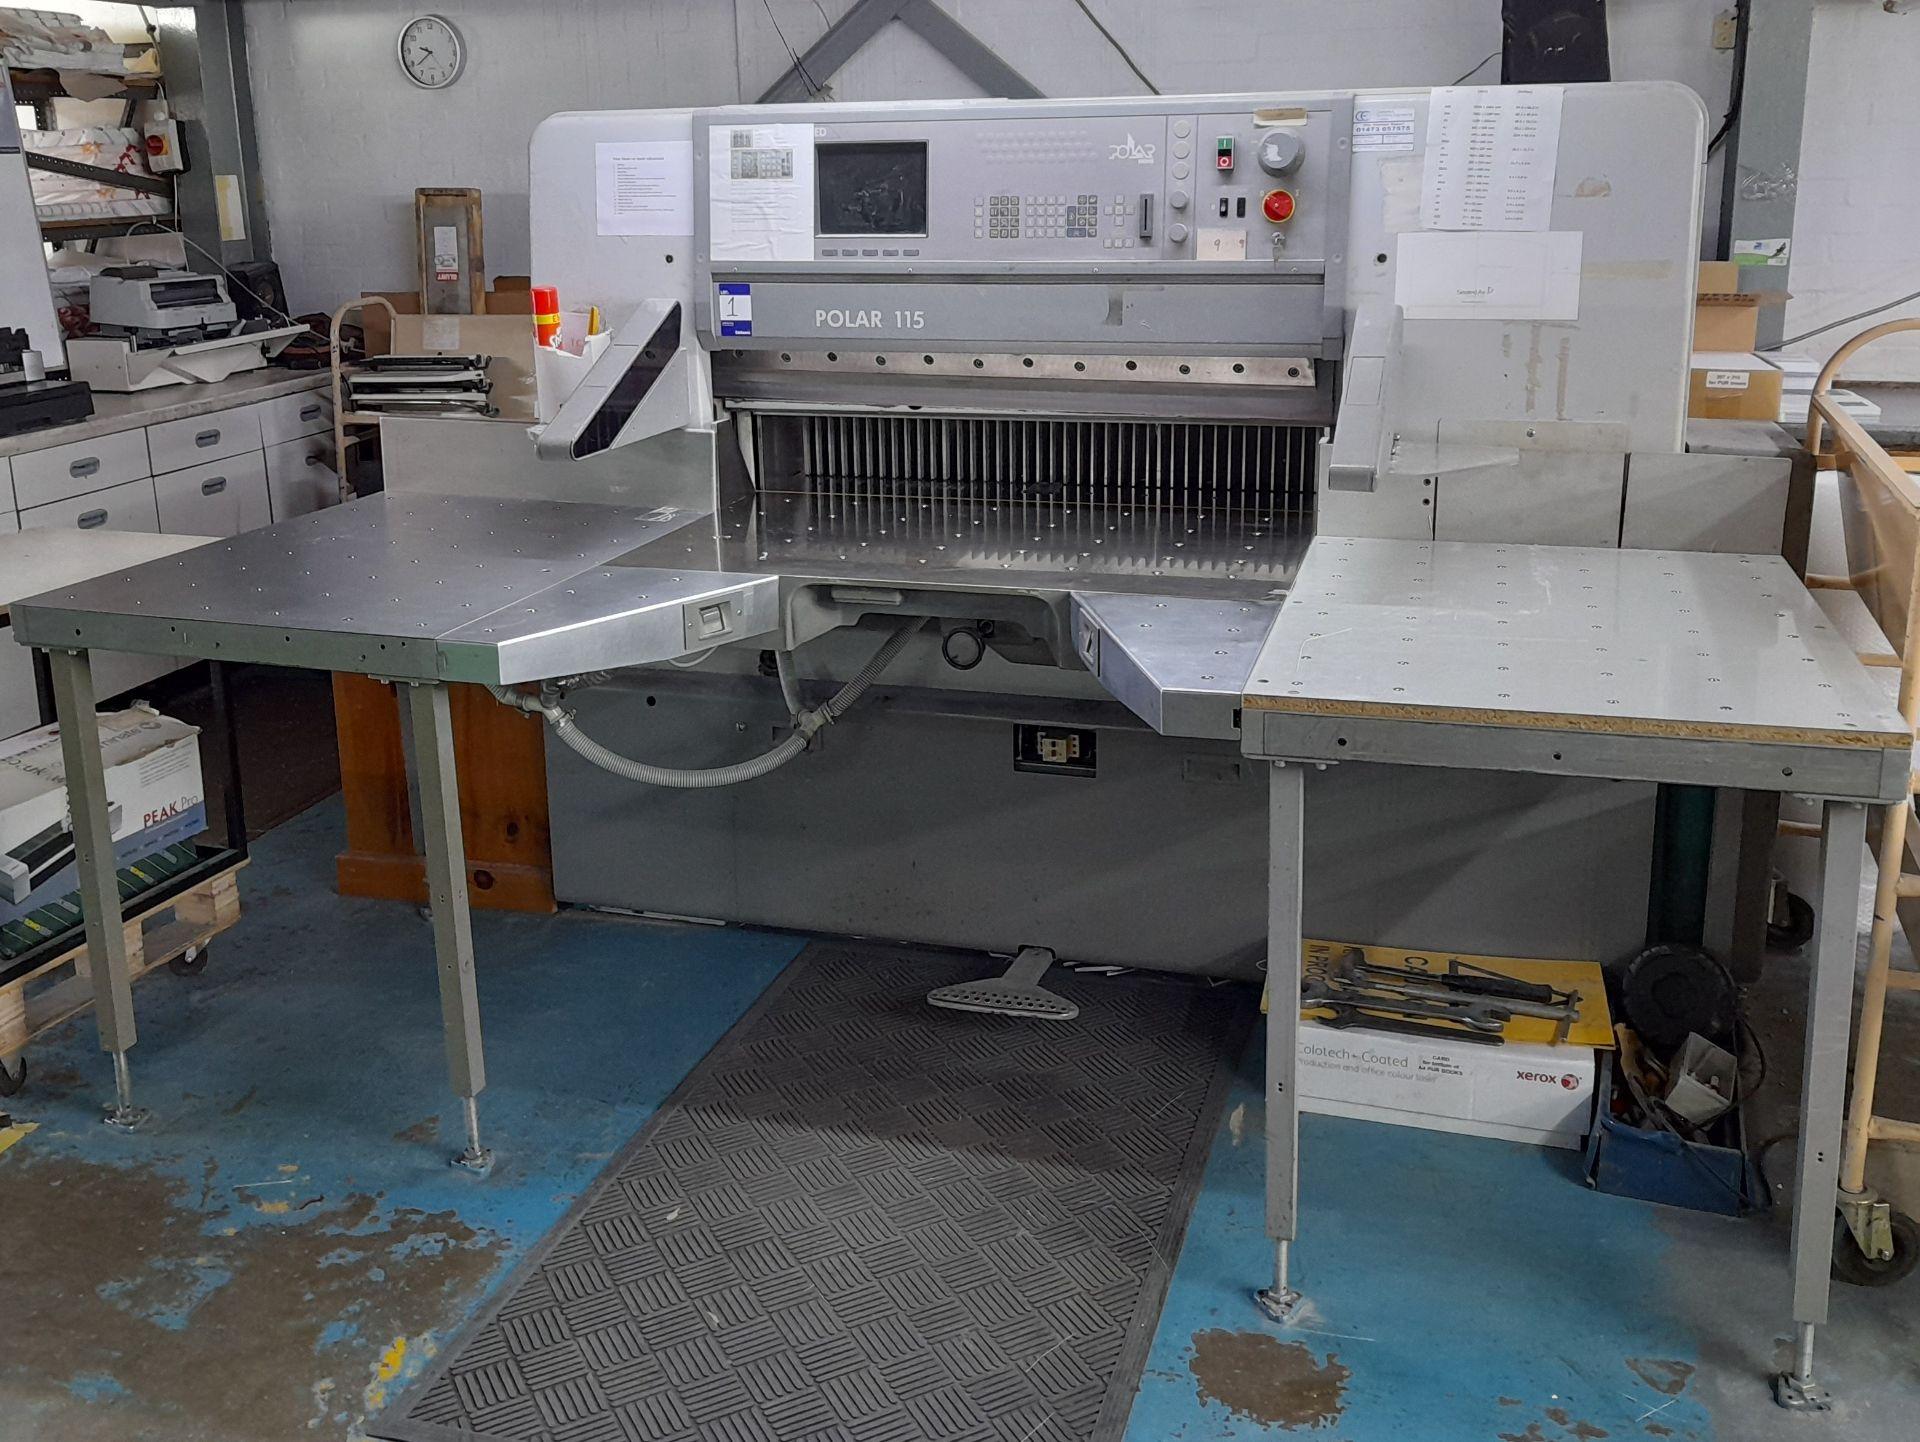 Polar Mohr 115 ED guillotine, Machine Number: 7031